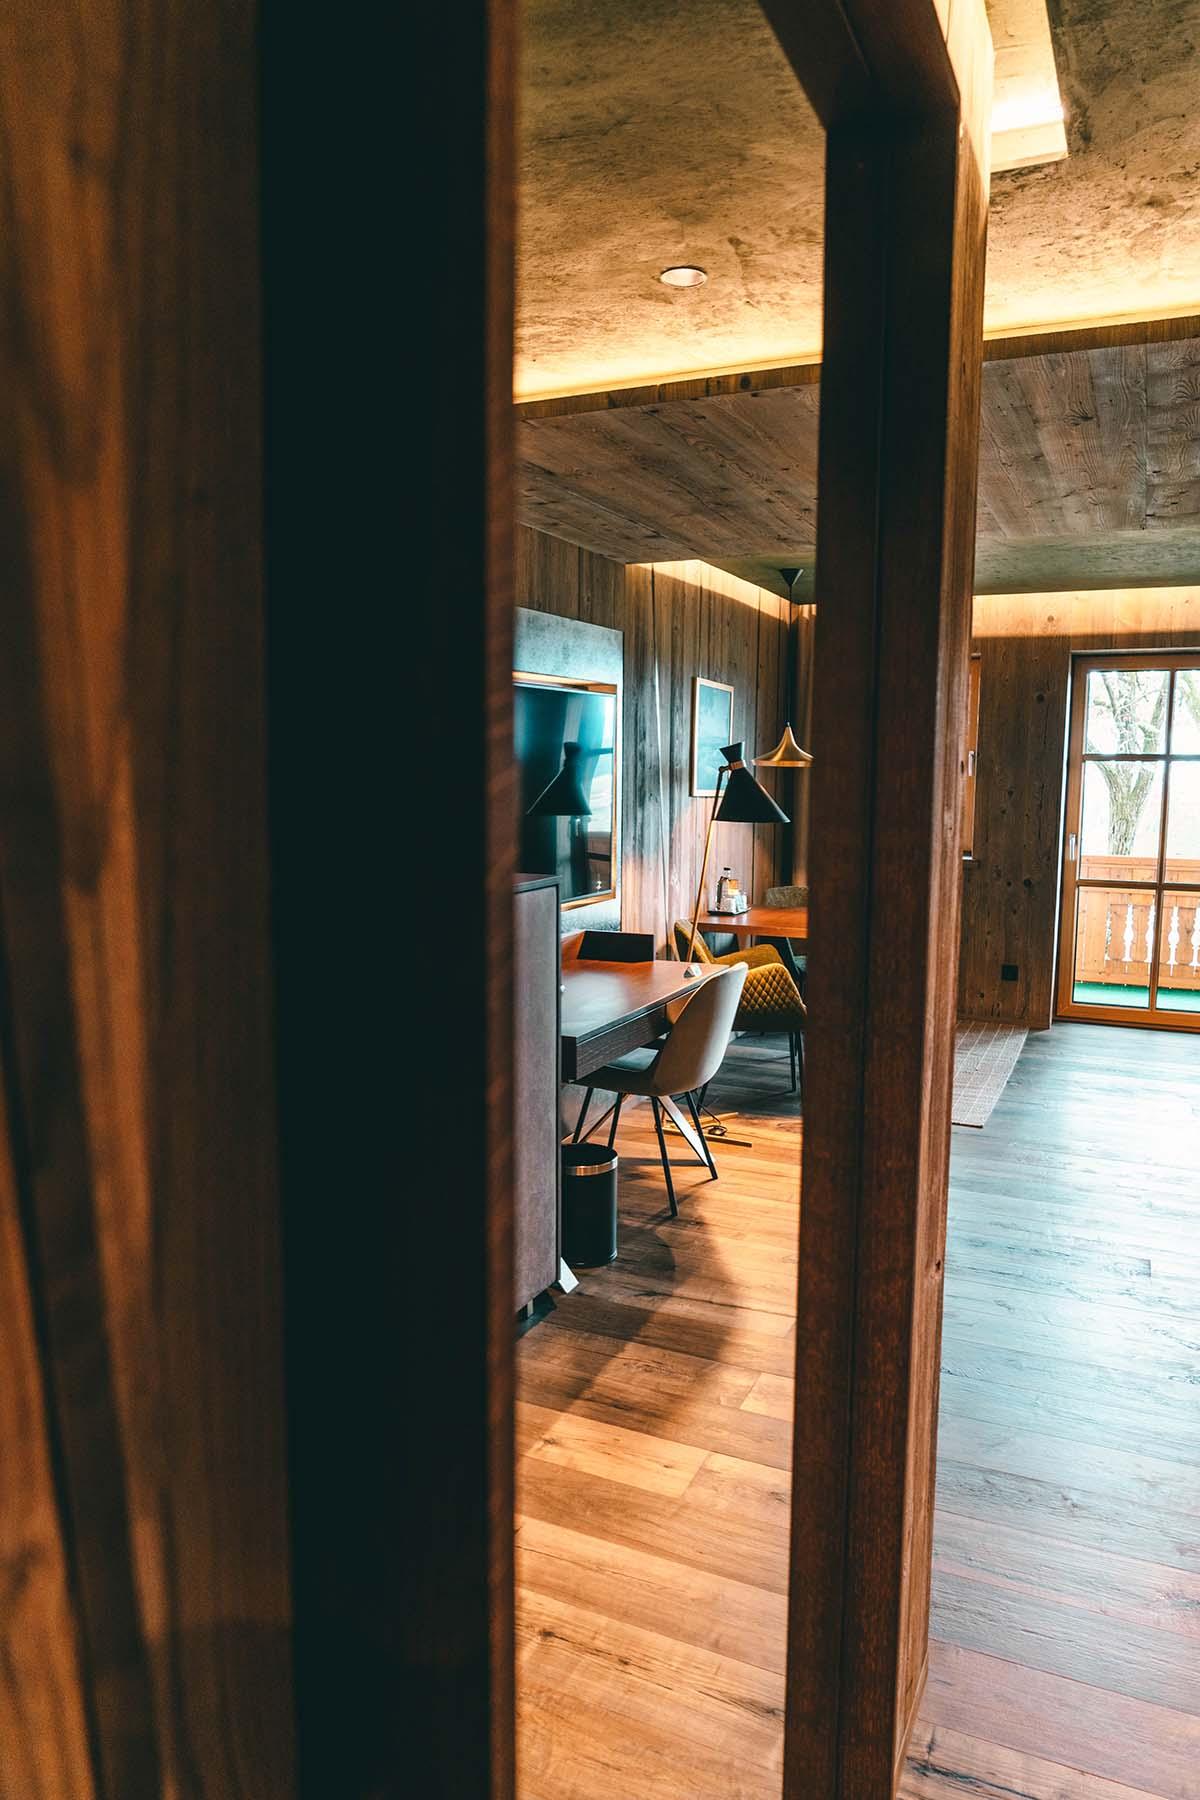 wellnesshotel-bayerwaldhof-zimmer-spiegel